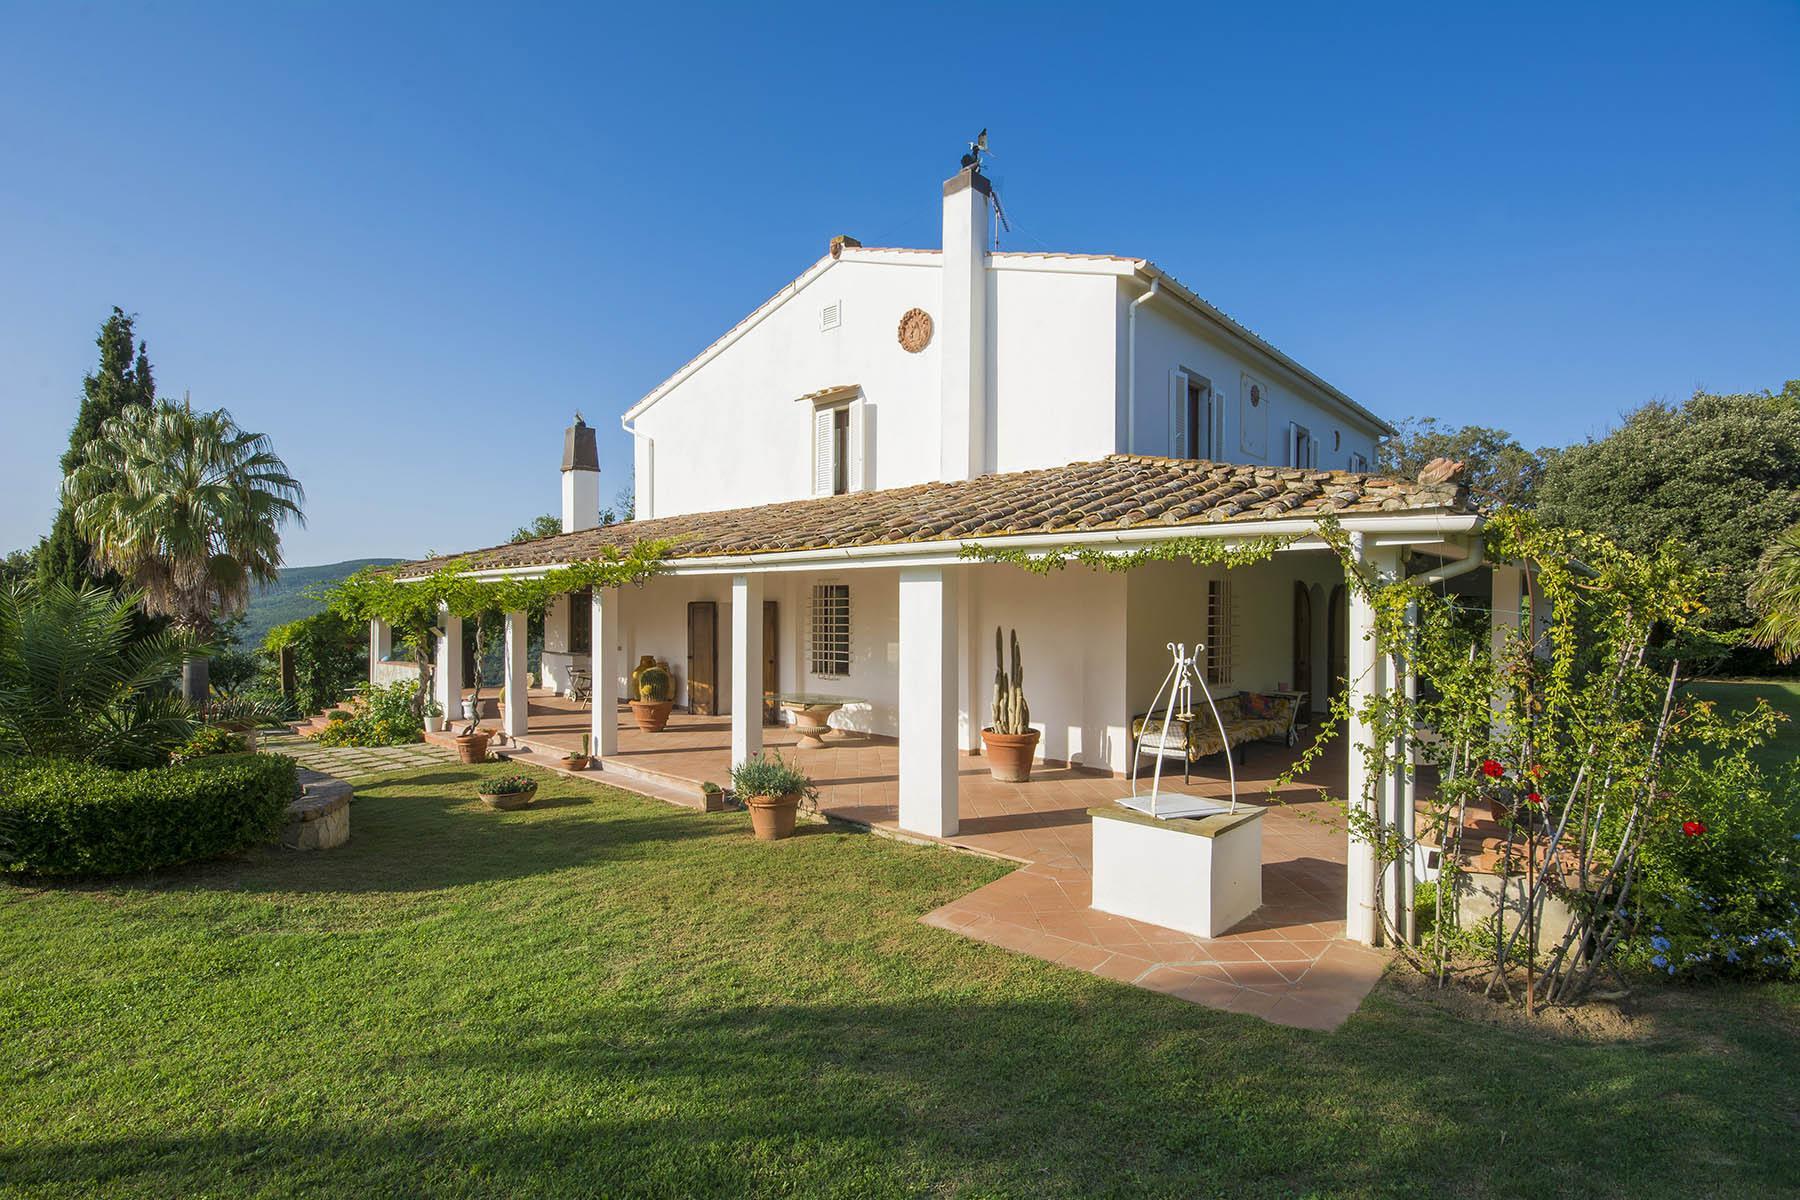 Wonderful villa with sea view close to Castiglioncello - 5